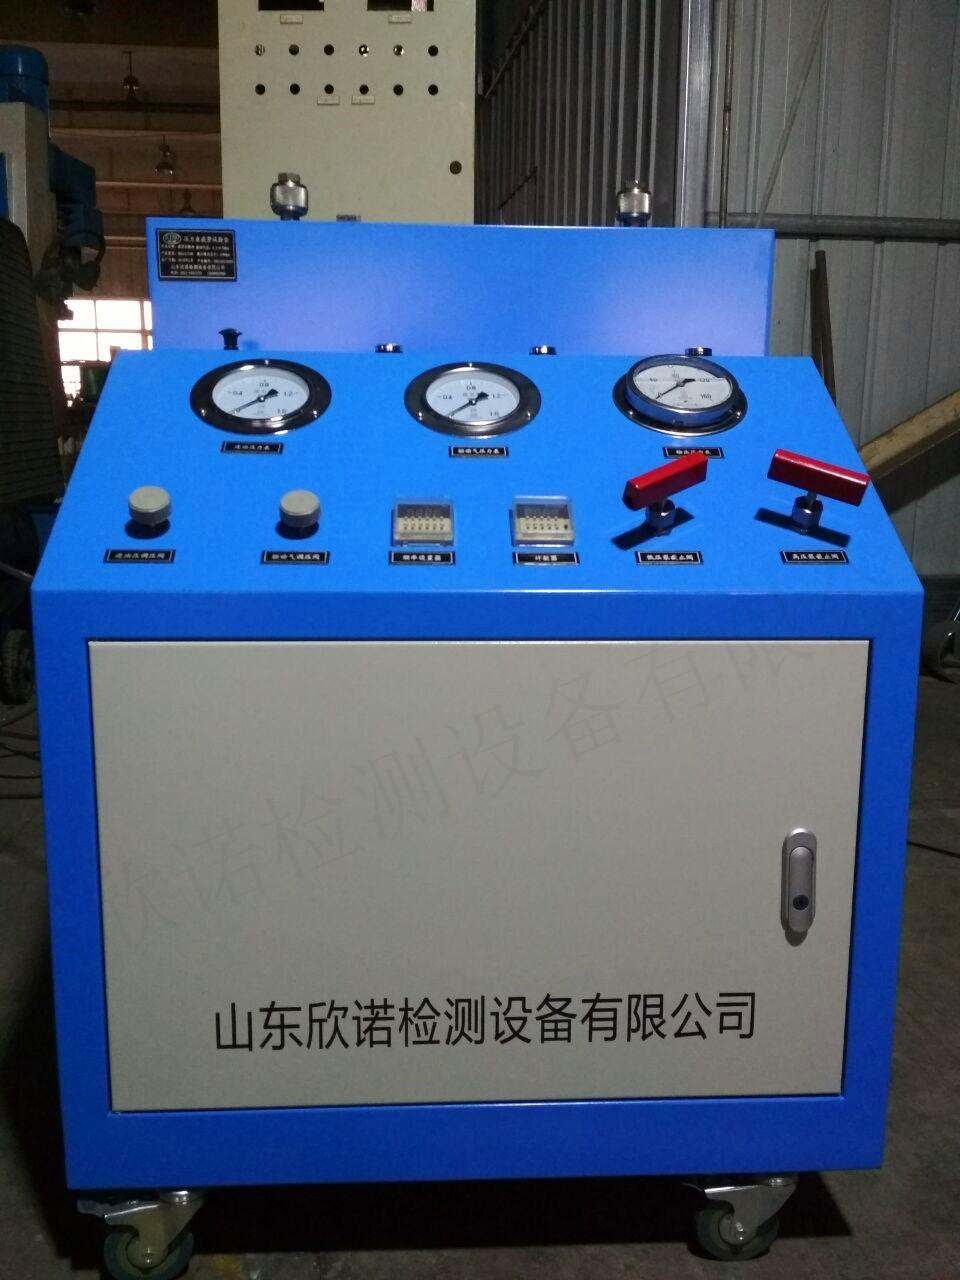 厂家直销 压力表疲劳测试台 脉冲试验 压力表疲劳试验台示例图3